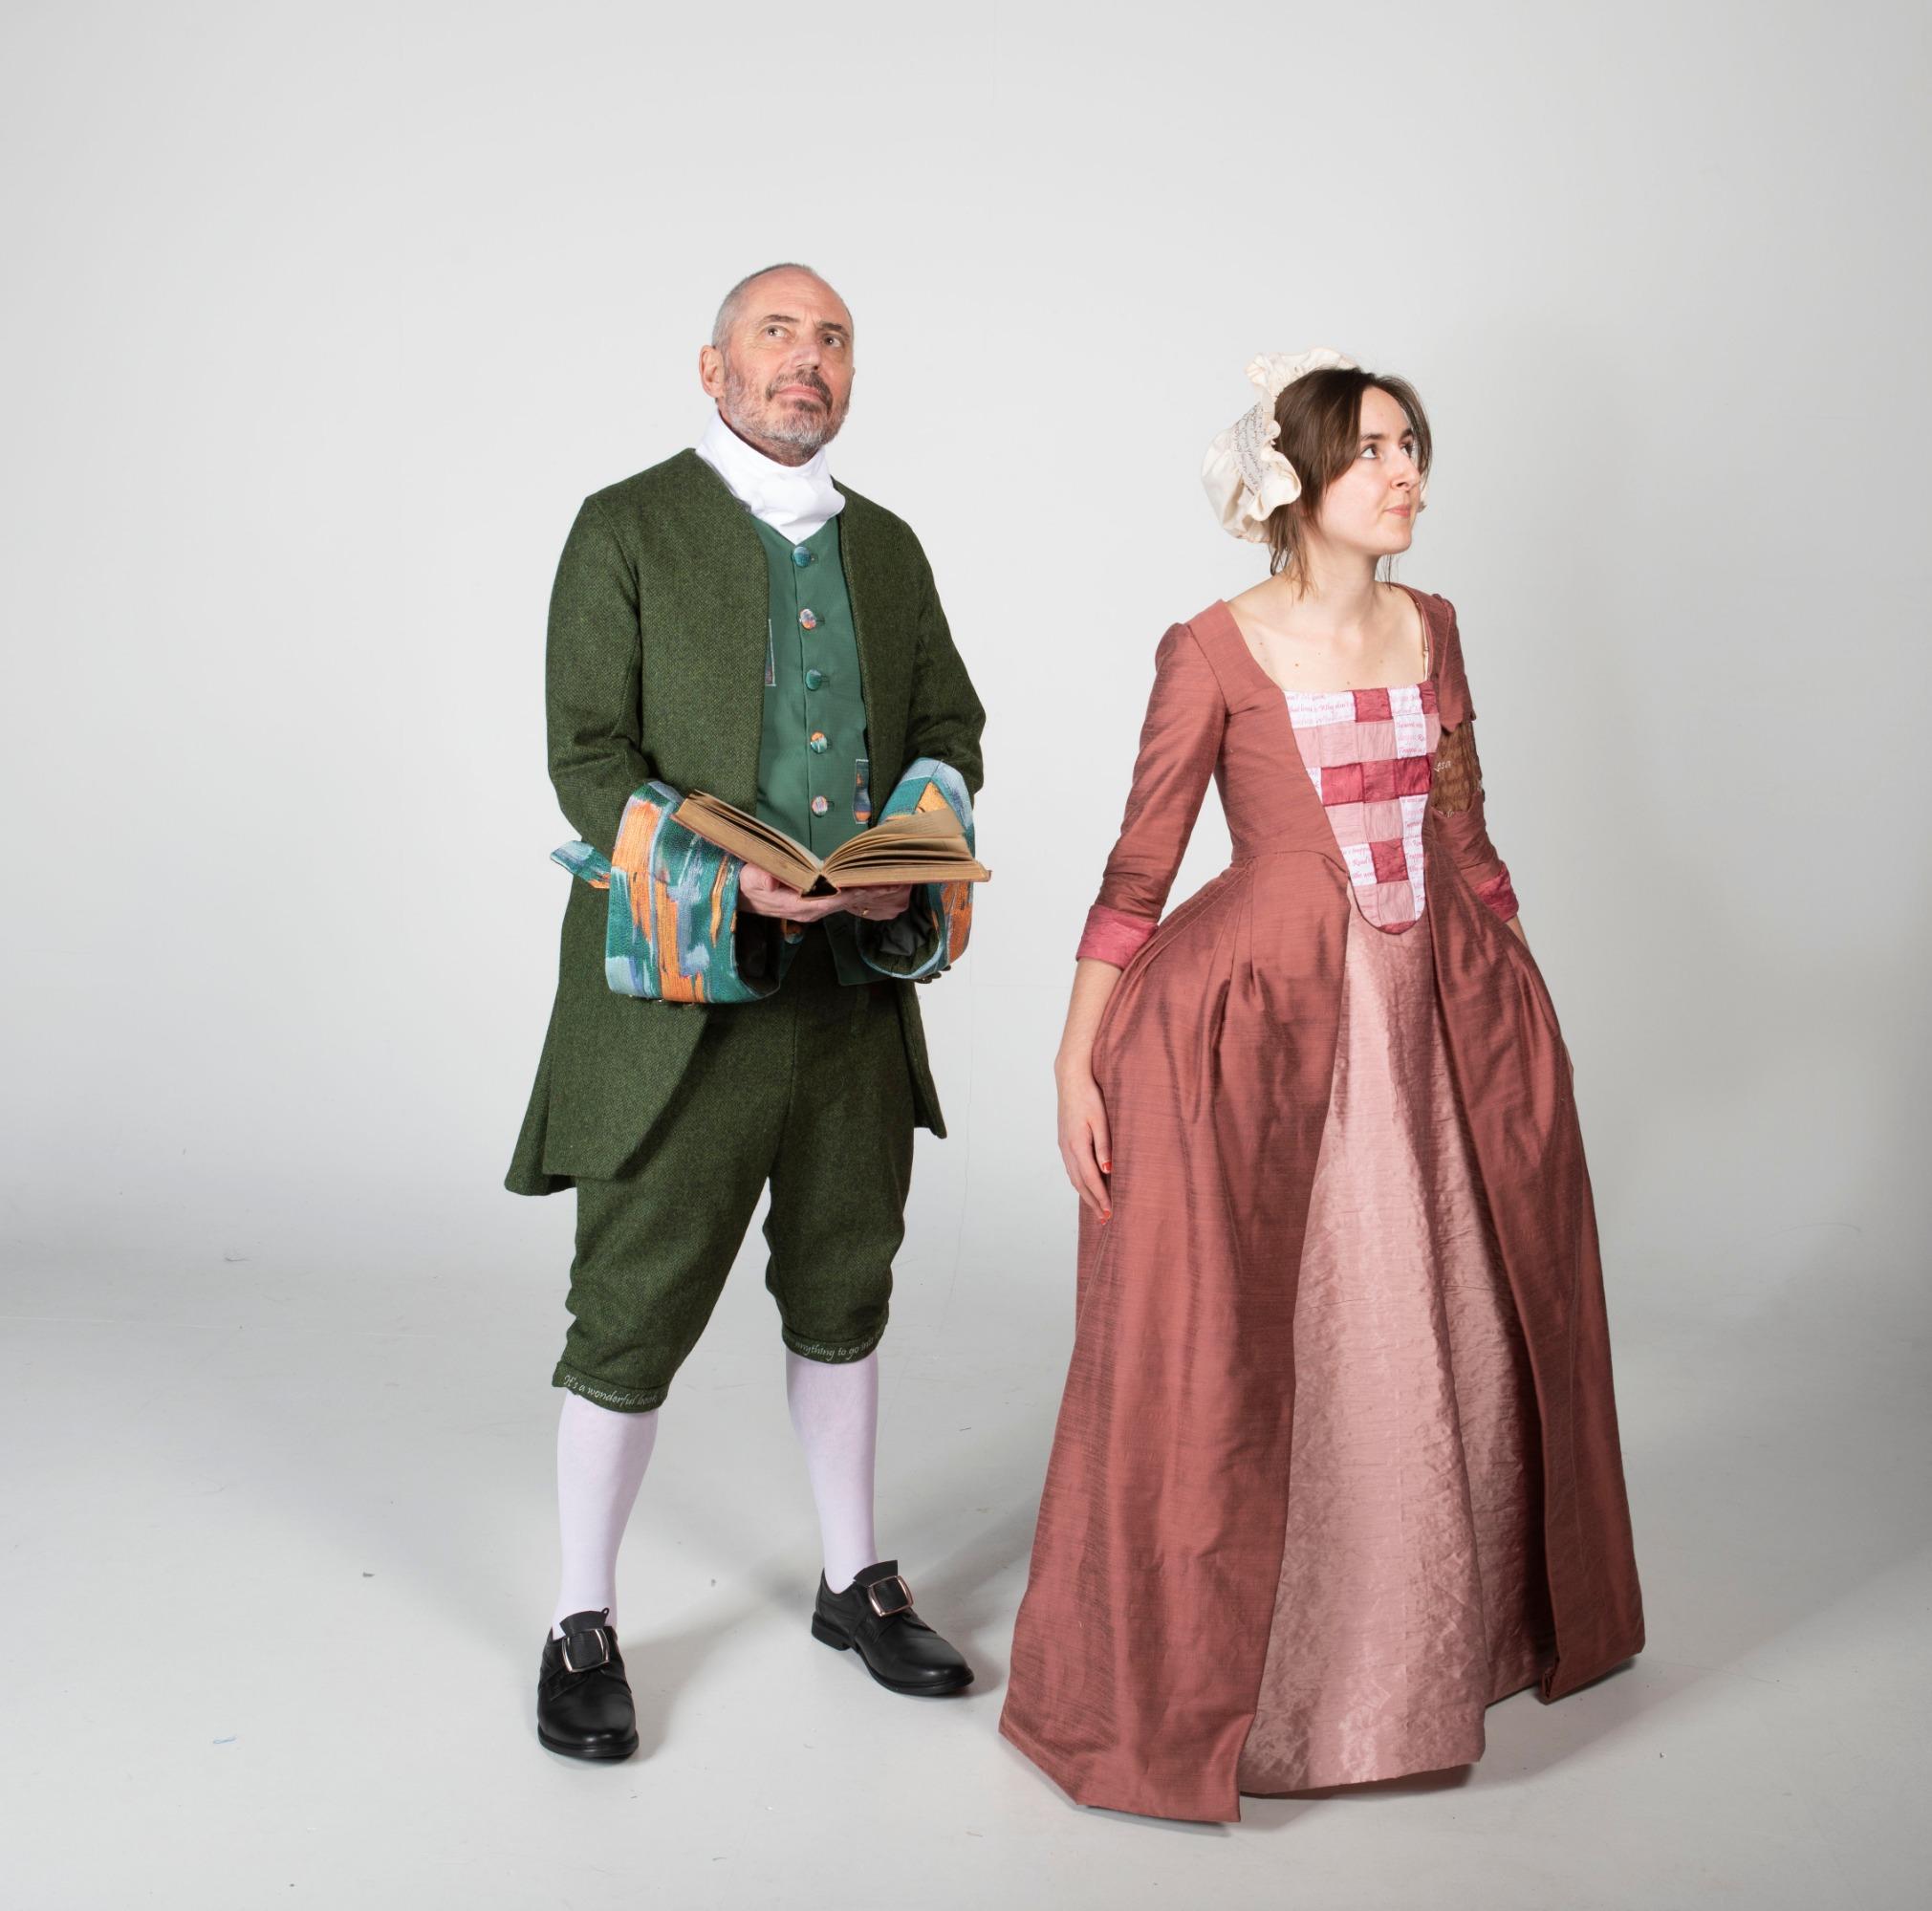 Costumes 20193186_edited